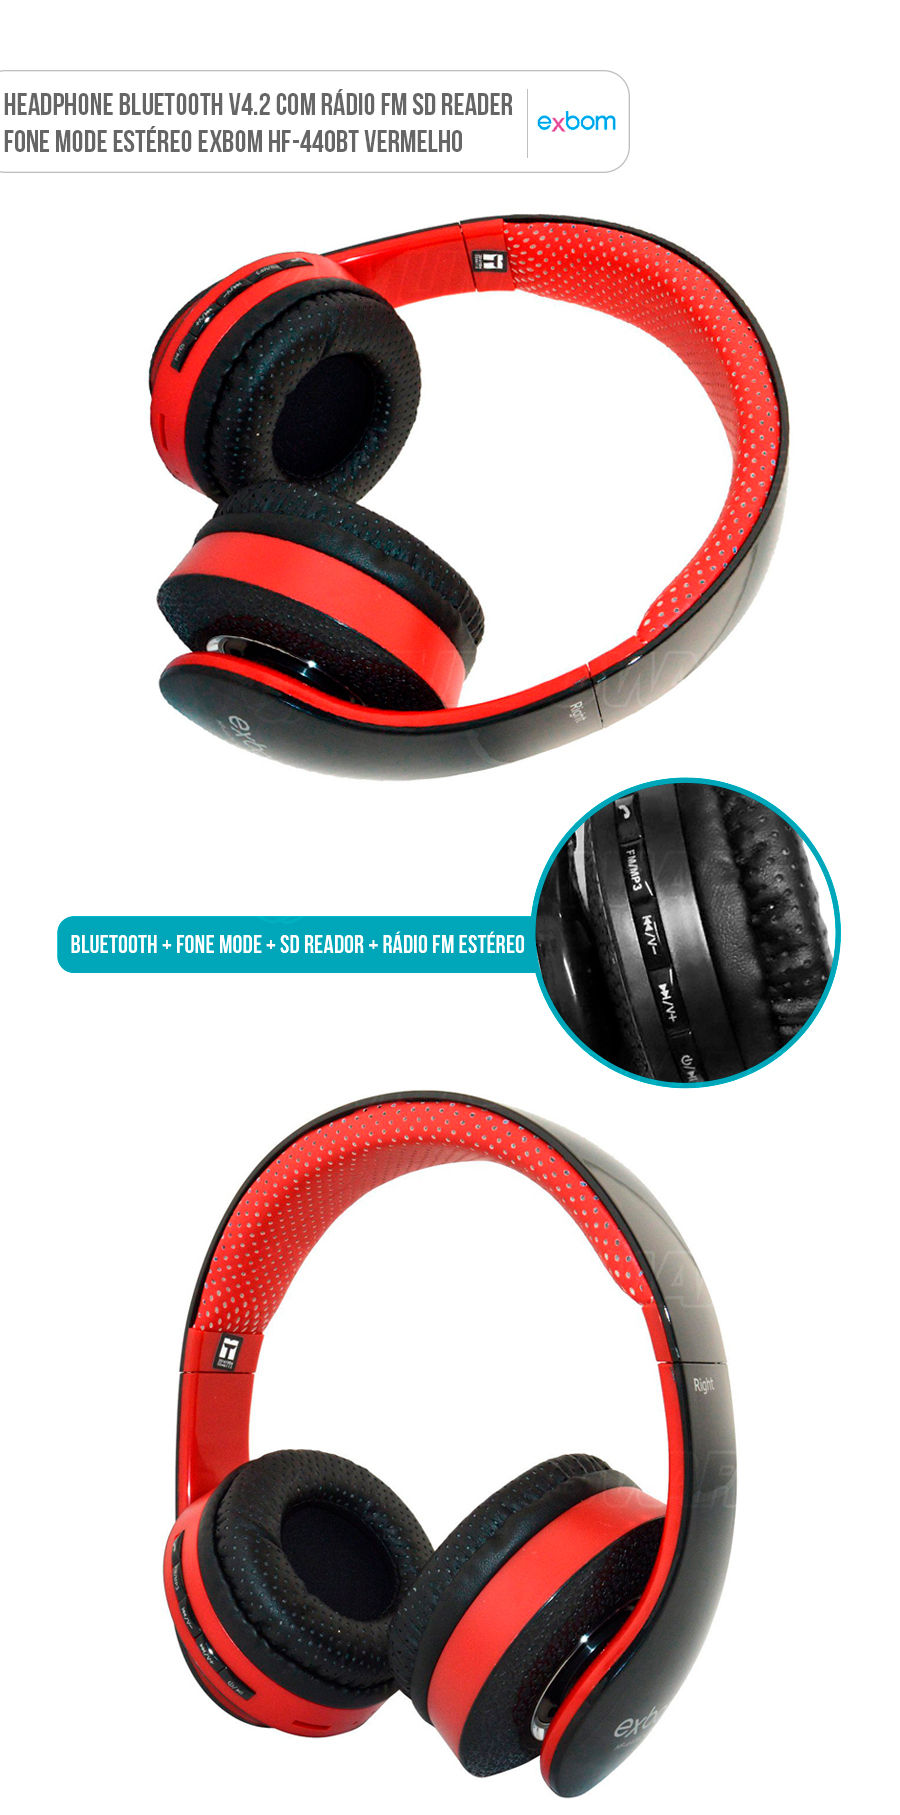 Fone Headphone Bluetooth Multimídia Vermelho com FM Cartão SD Headfone